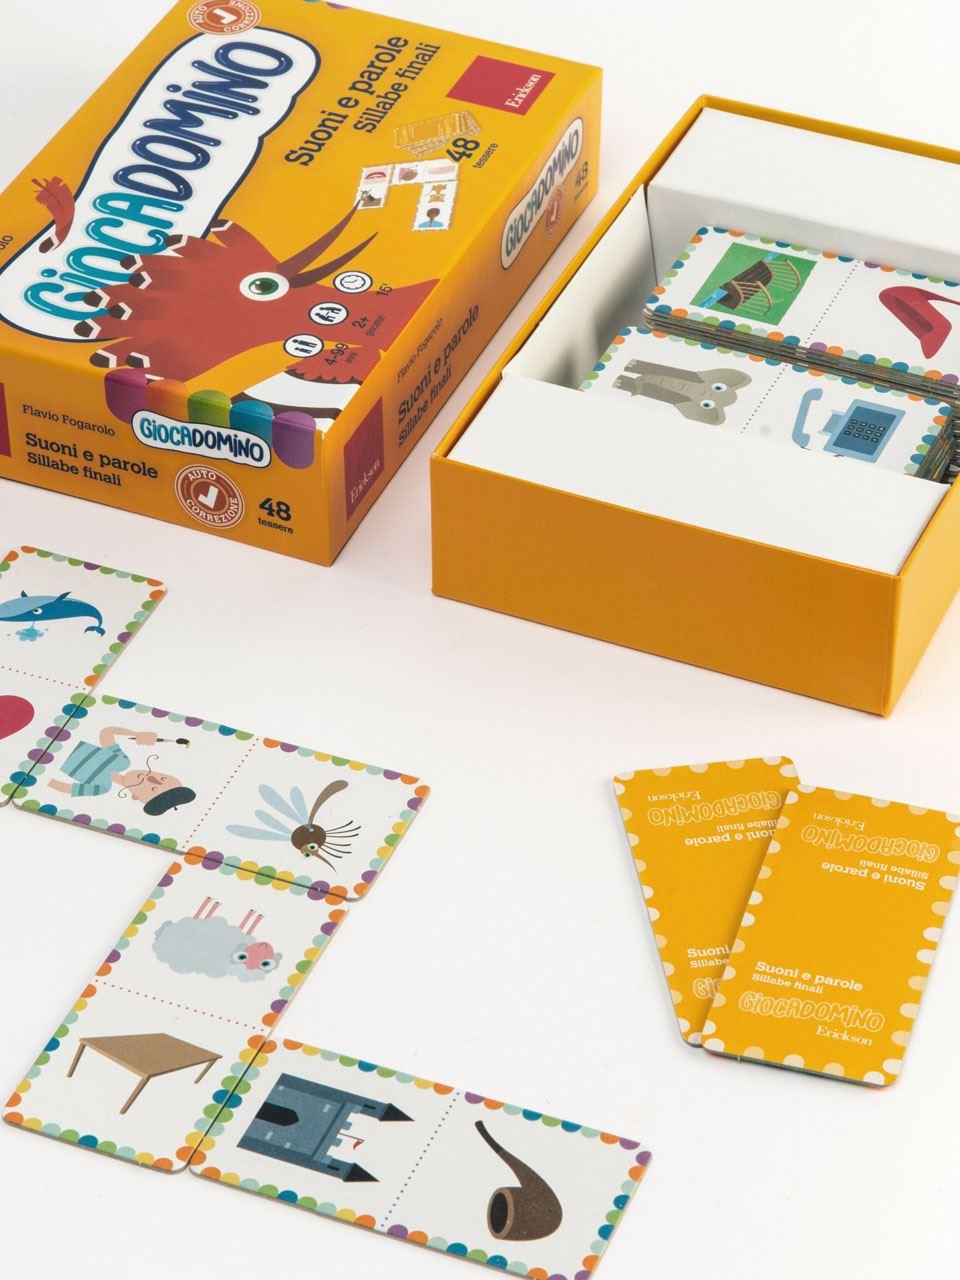 Giocadomino - Suoni e parole - Sillabe finali - Giochi - Erickson 2